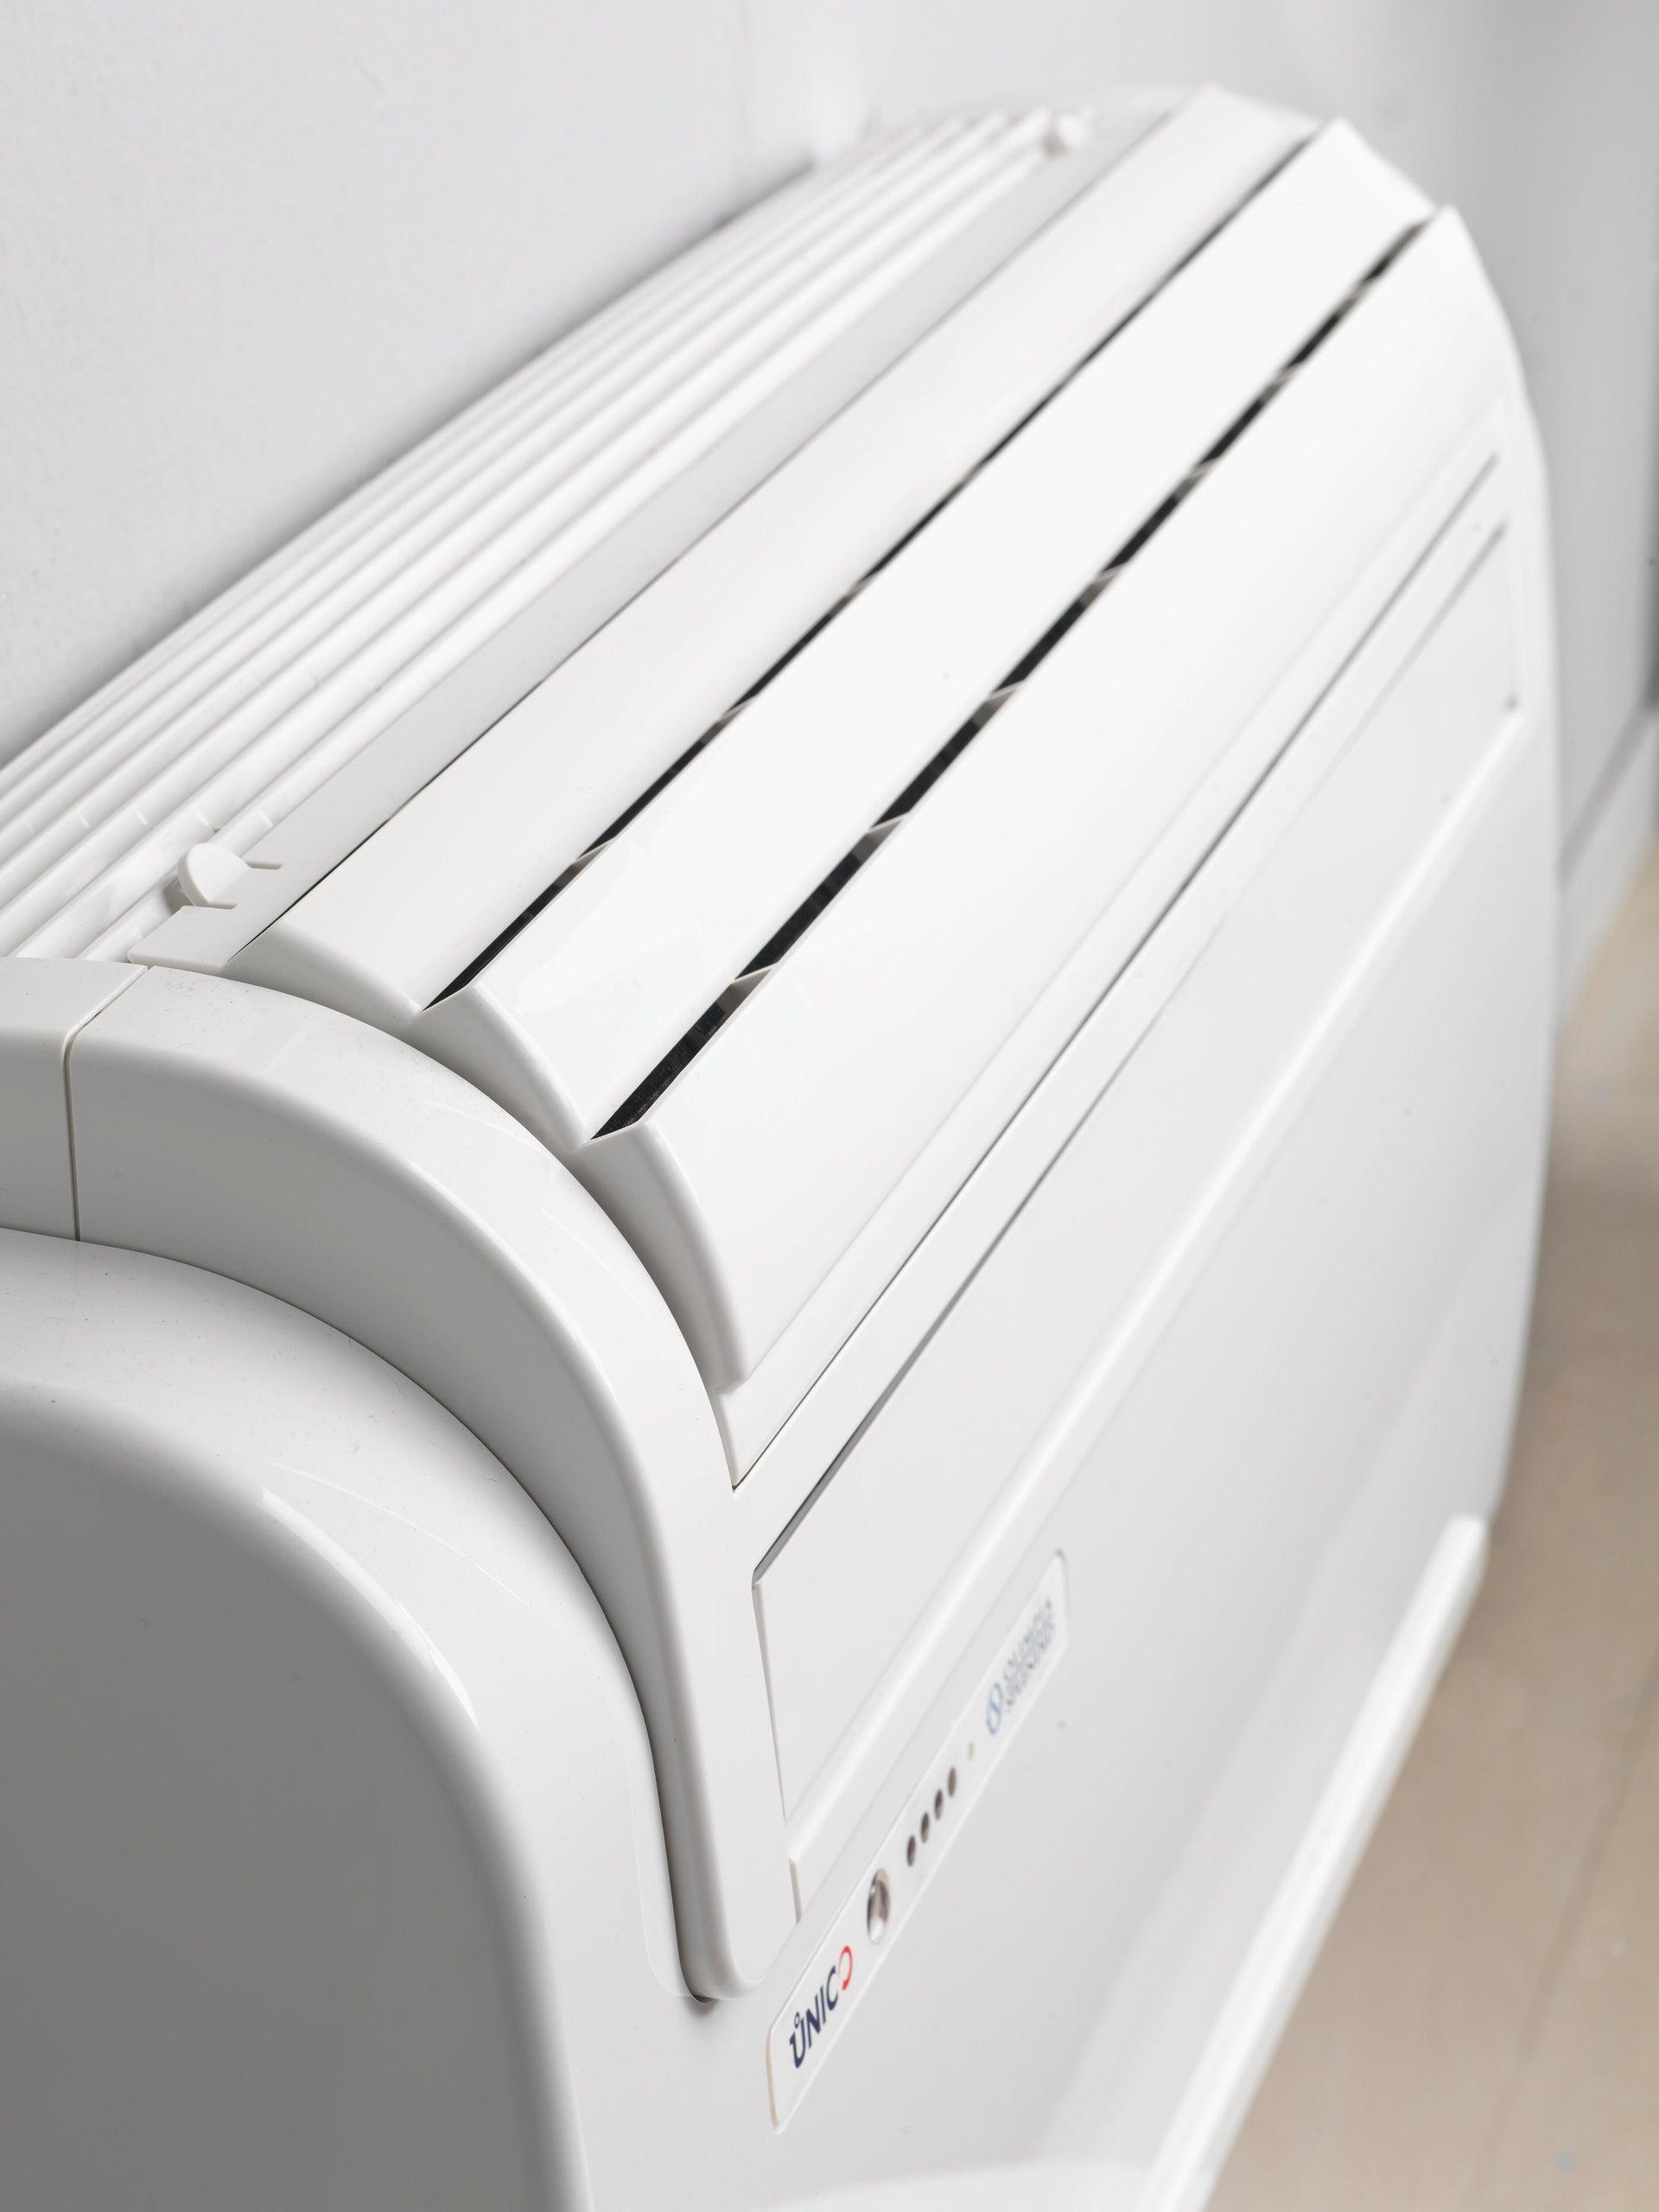 Climatizzatore monoblocco OLIMPIA SPLENDID Unico smart 9000 BTU classe A - 4